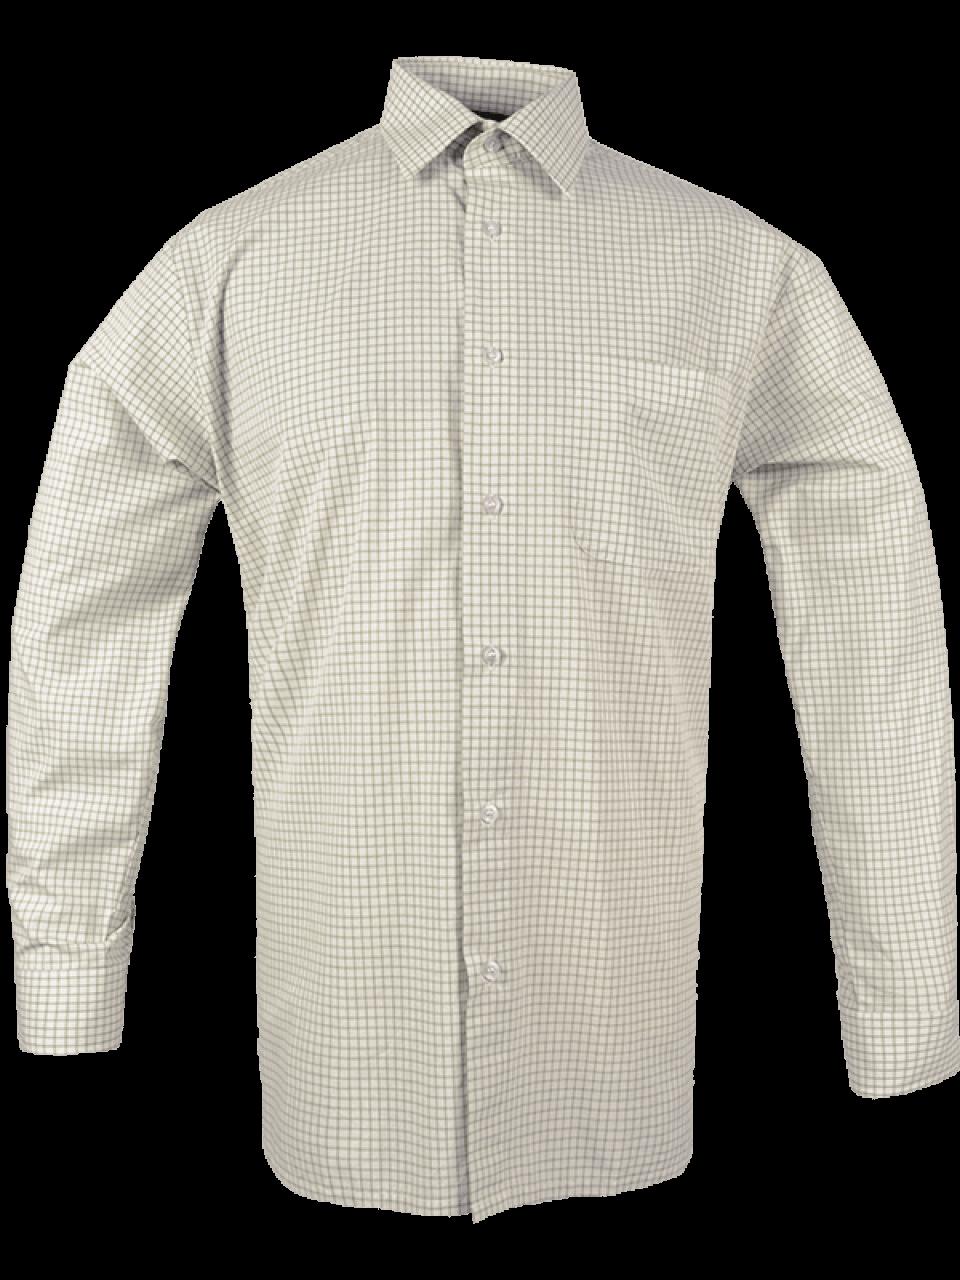 košeľa Liron DR 1